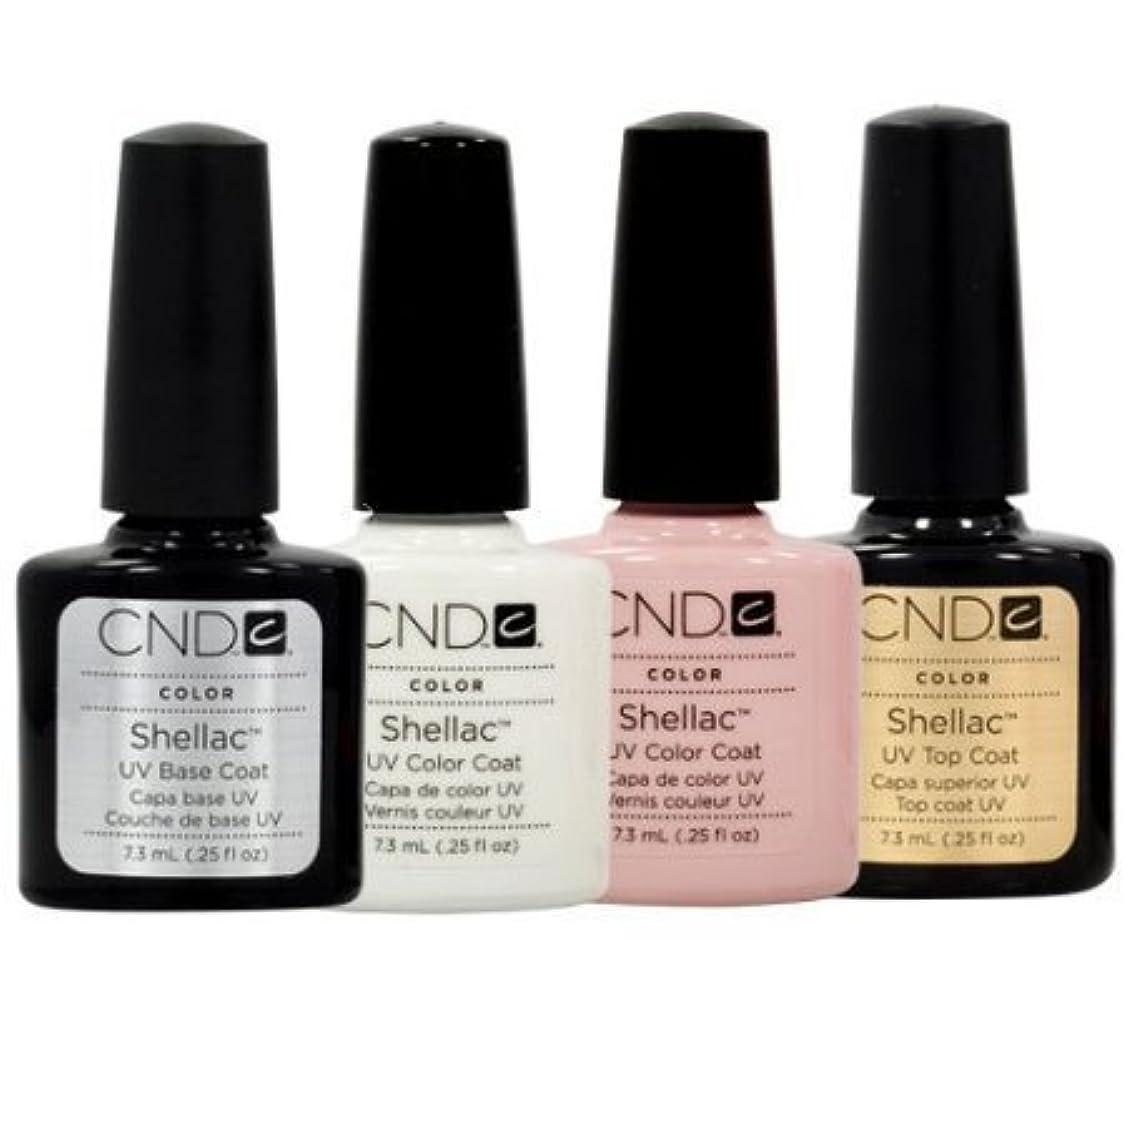 お香余韻びっくりするCND Shellac French Manicure Kit Base Top Coat Color White Pink Nail Polish Gel by CND - Creative Nail Design [...